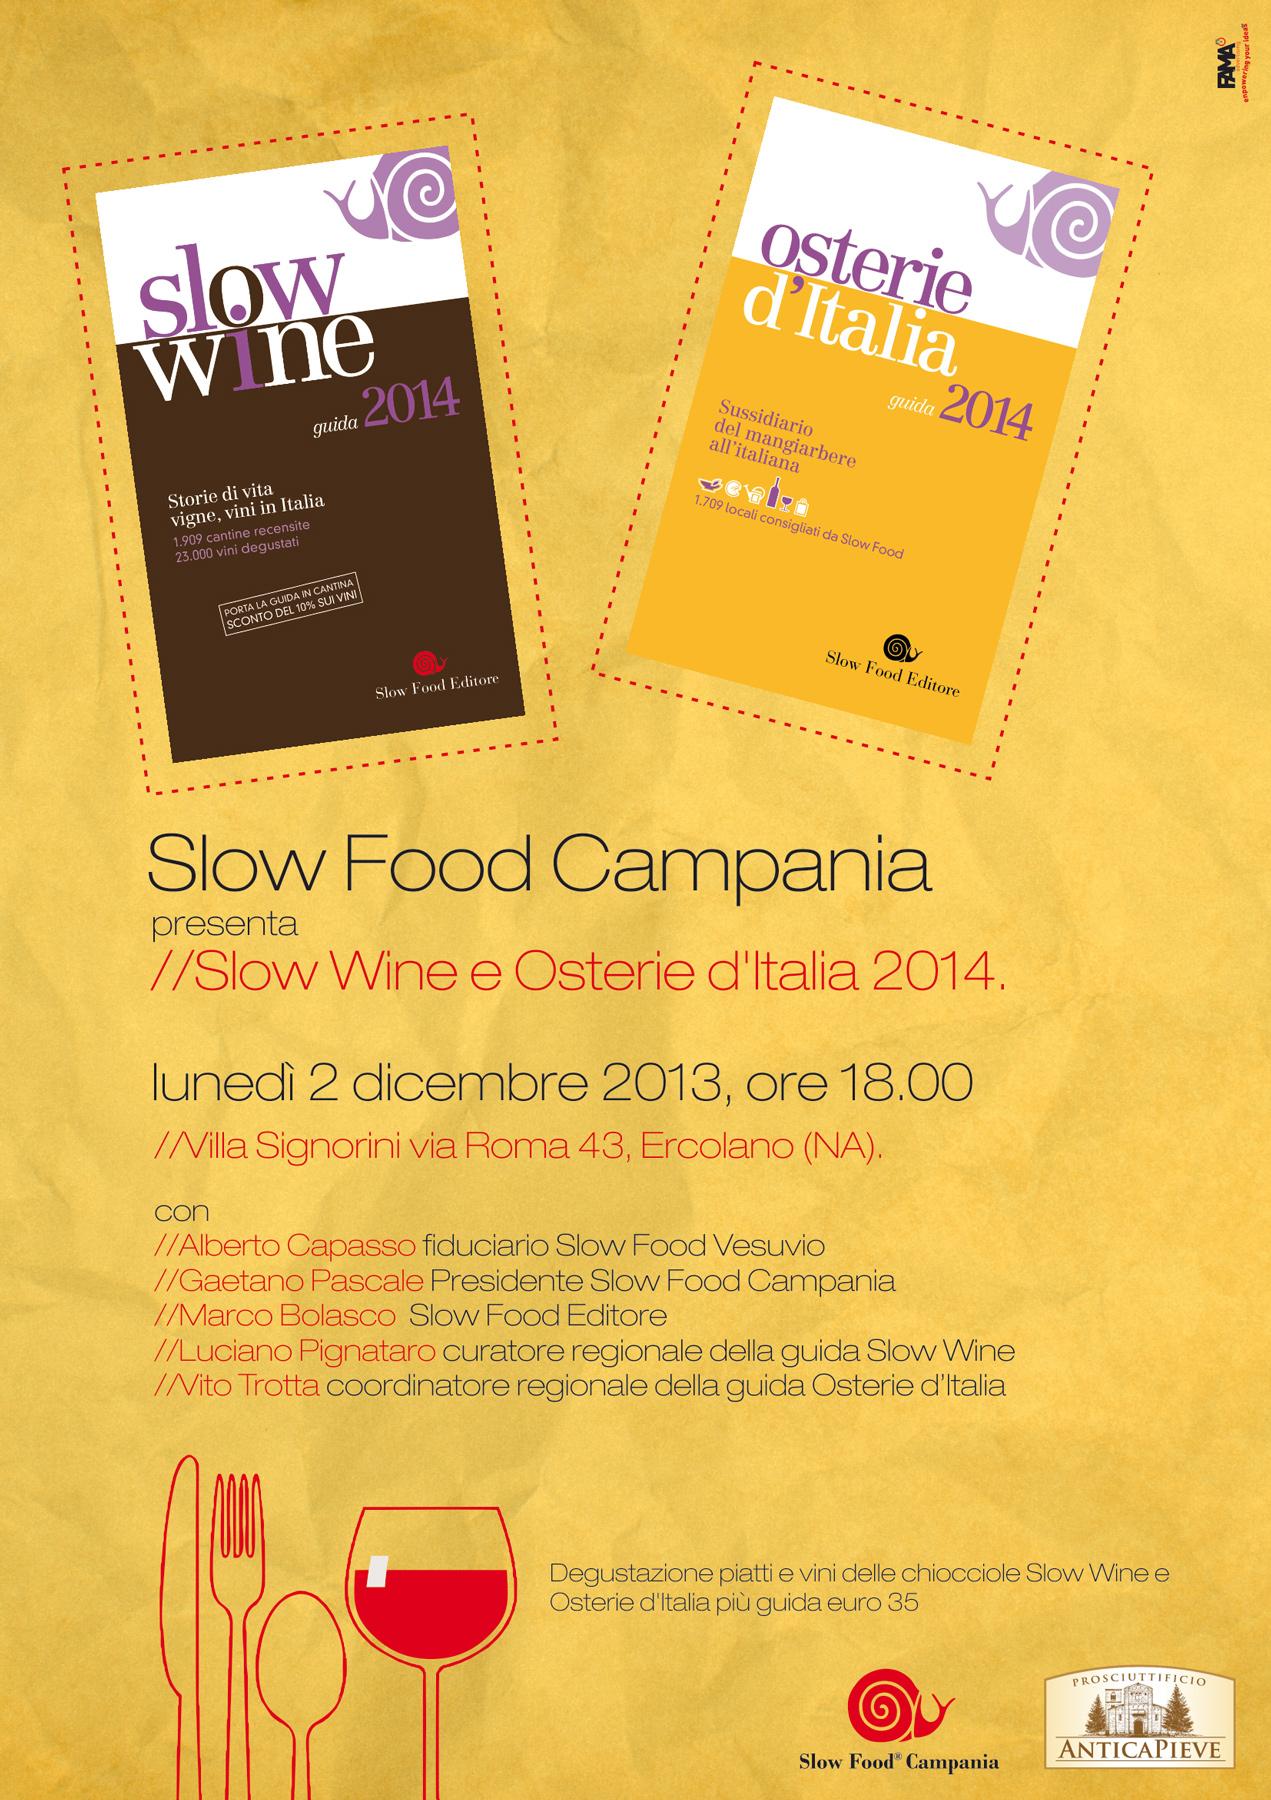 Le Chiocciole 2014 di Osterie d'Italia e Slow Wine a Villa Signorini